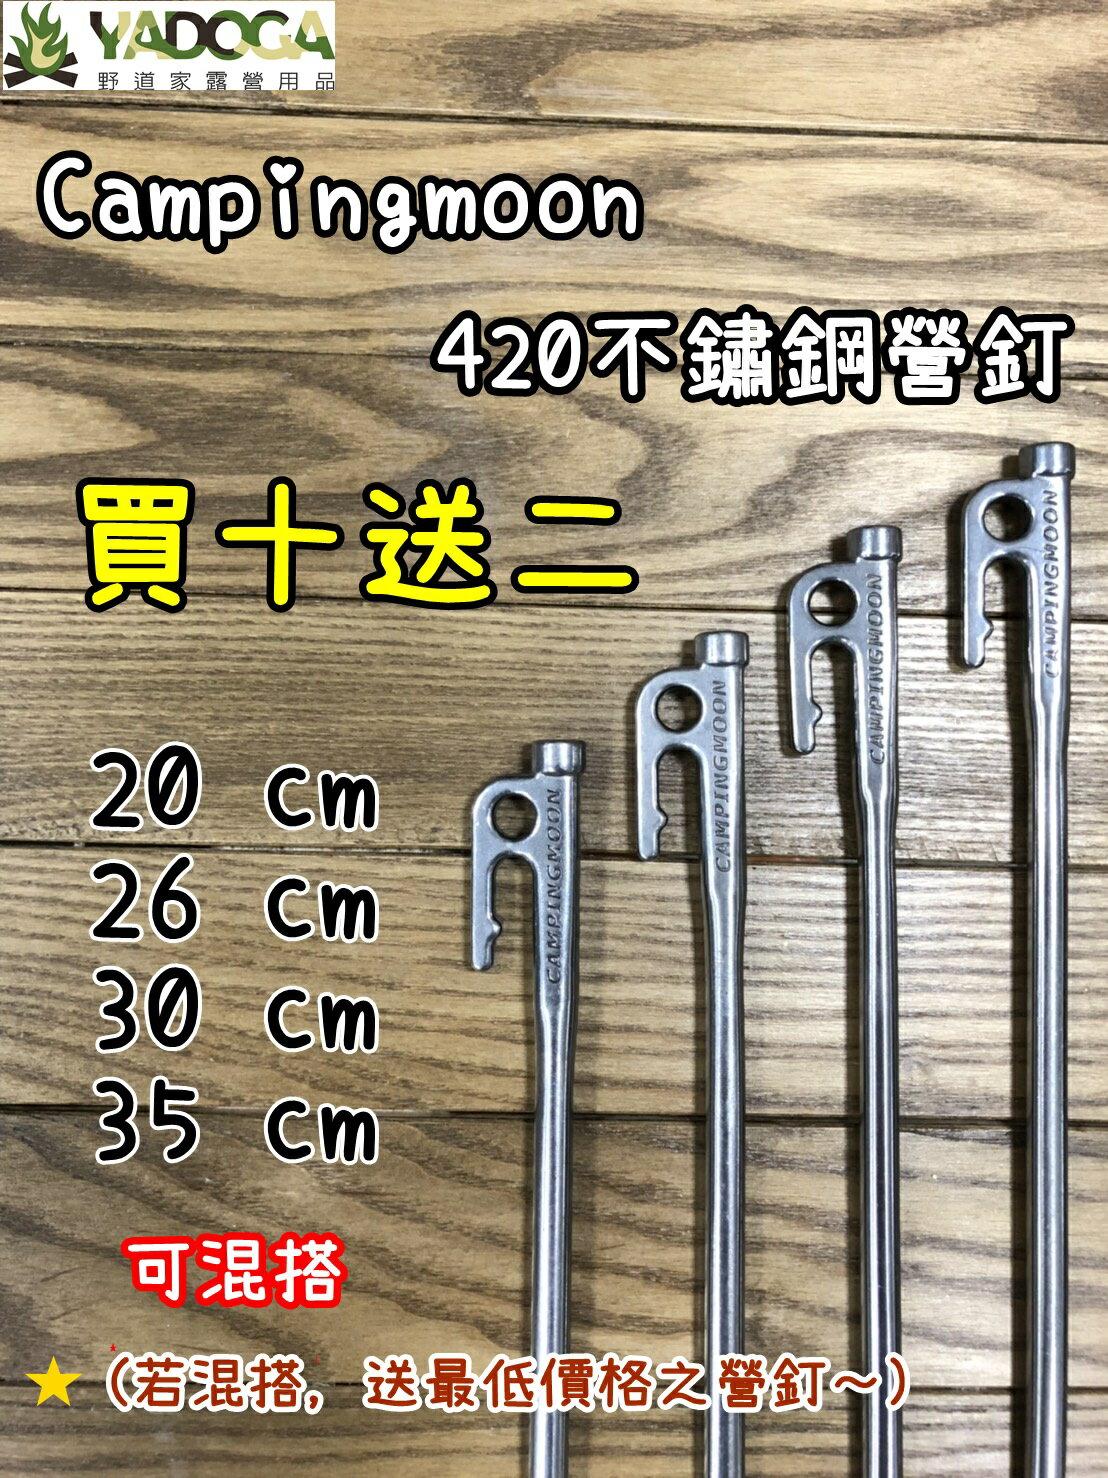 【野道家】campingmoon 柯曼 420不鏽鋼營釘20-26-30cm